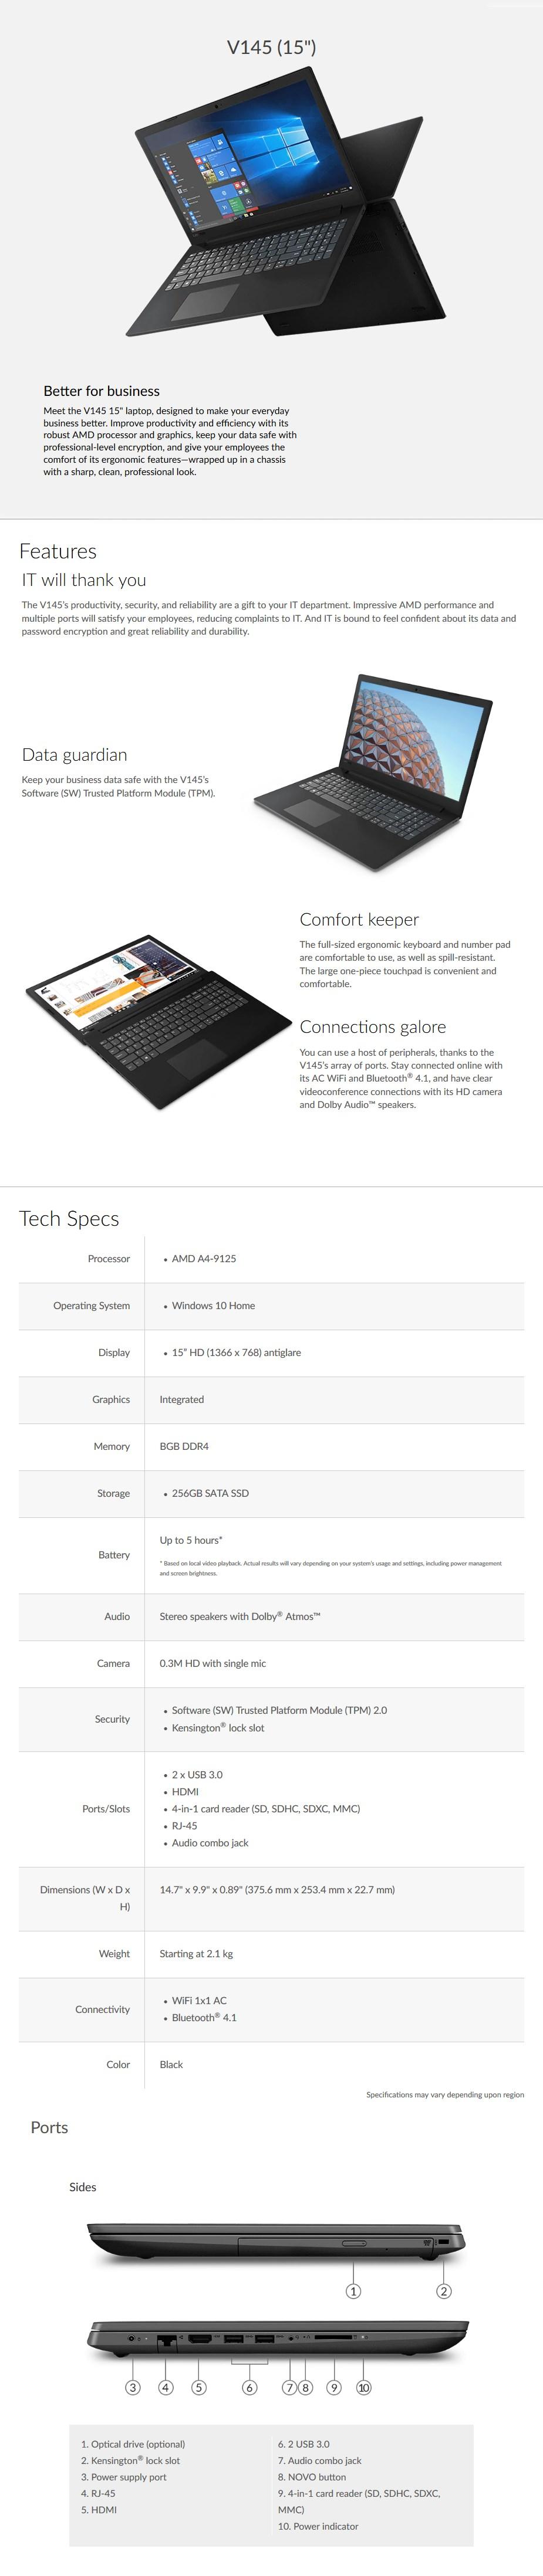 """Laptop V145 15.6"""" Laptop A4-9125 8GB 256GB SSD W10H - Overivew 1"""